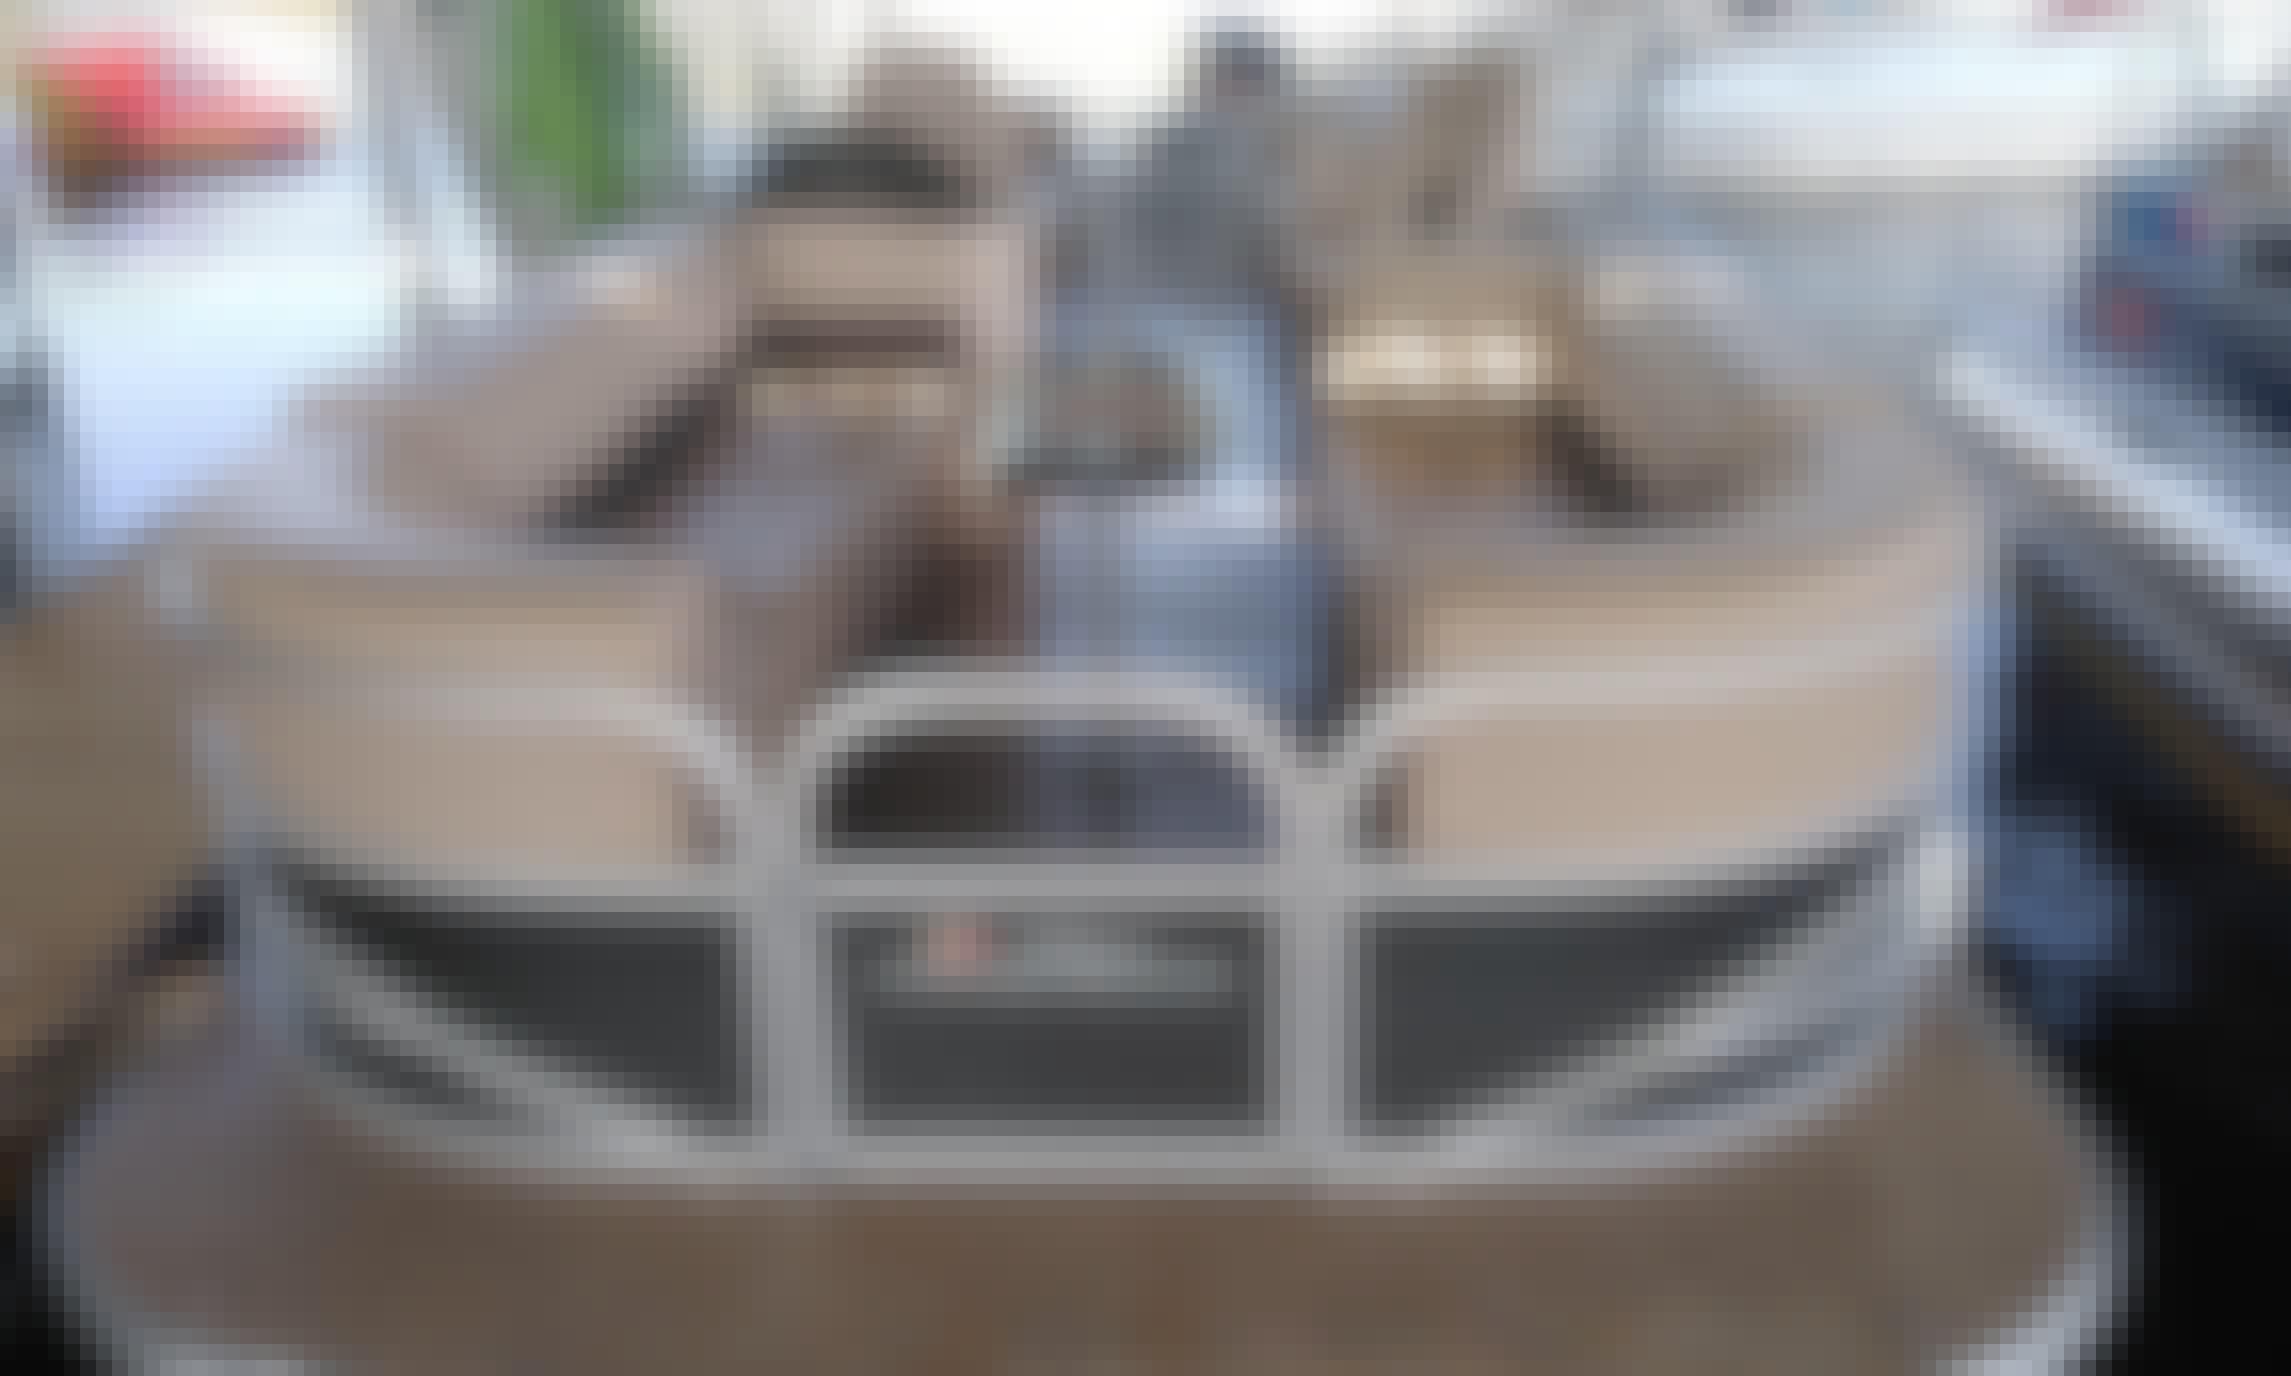 24' Suntracker Pontoon rental in Royal, Arkansas